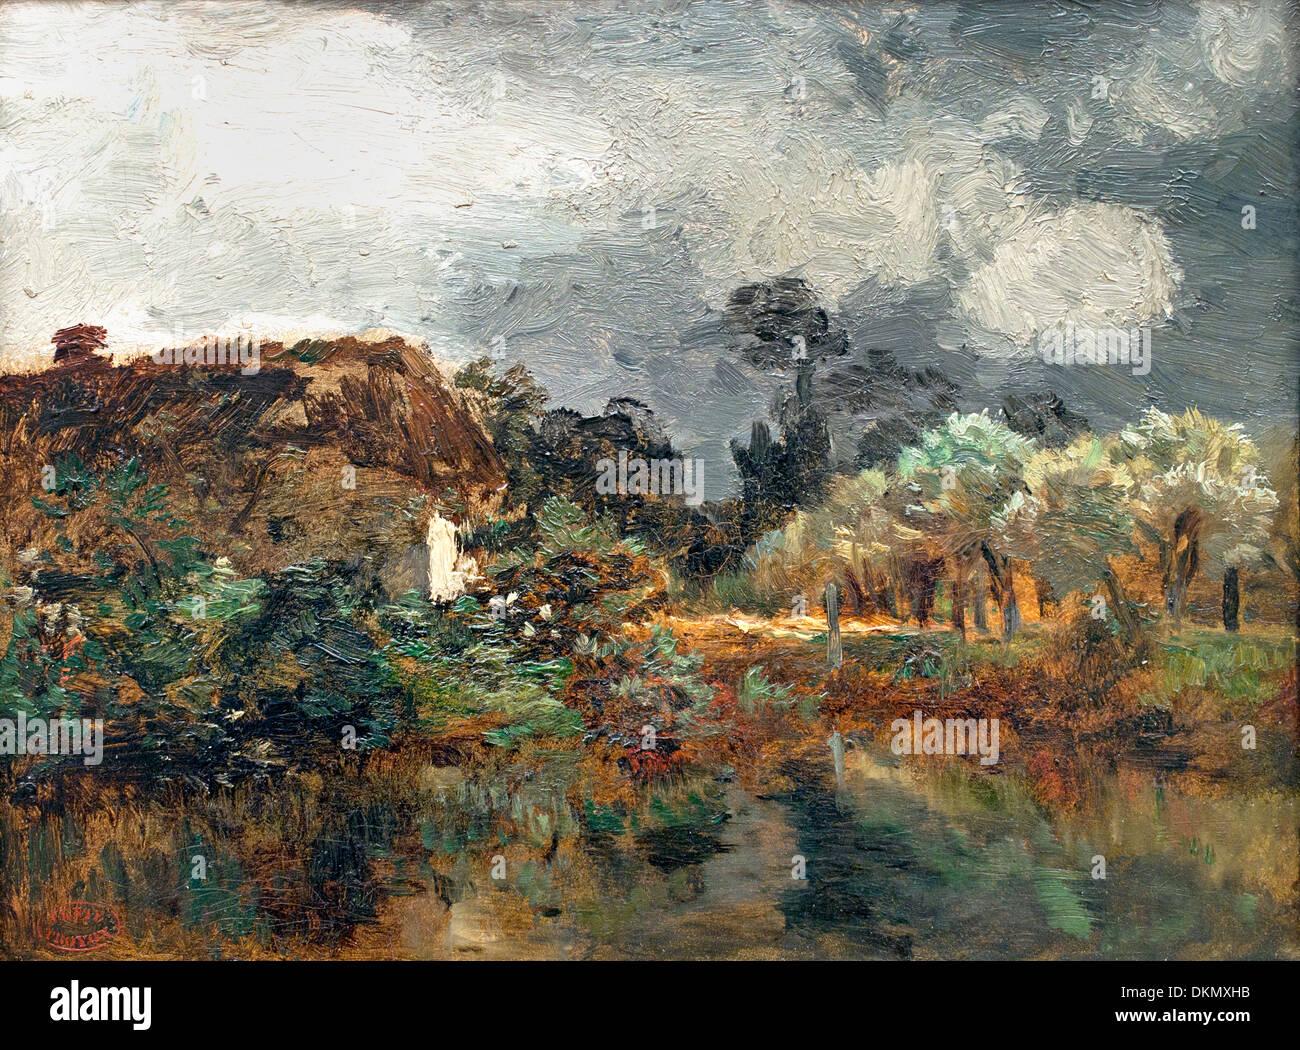 Étude du paysage 1860 Constant Troyon 1810 - 1865 France Photo Stock